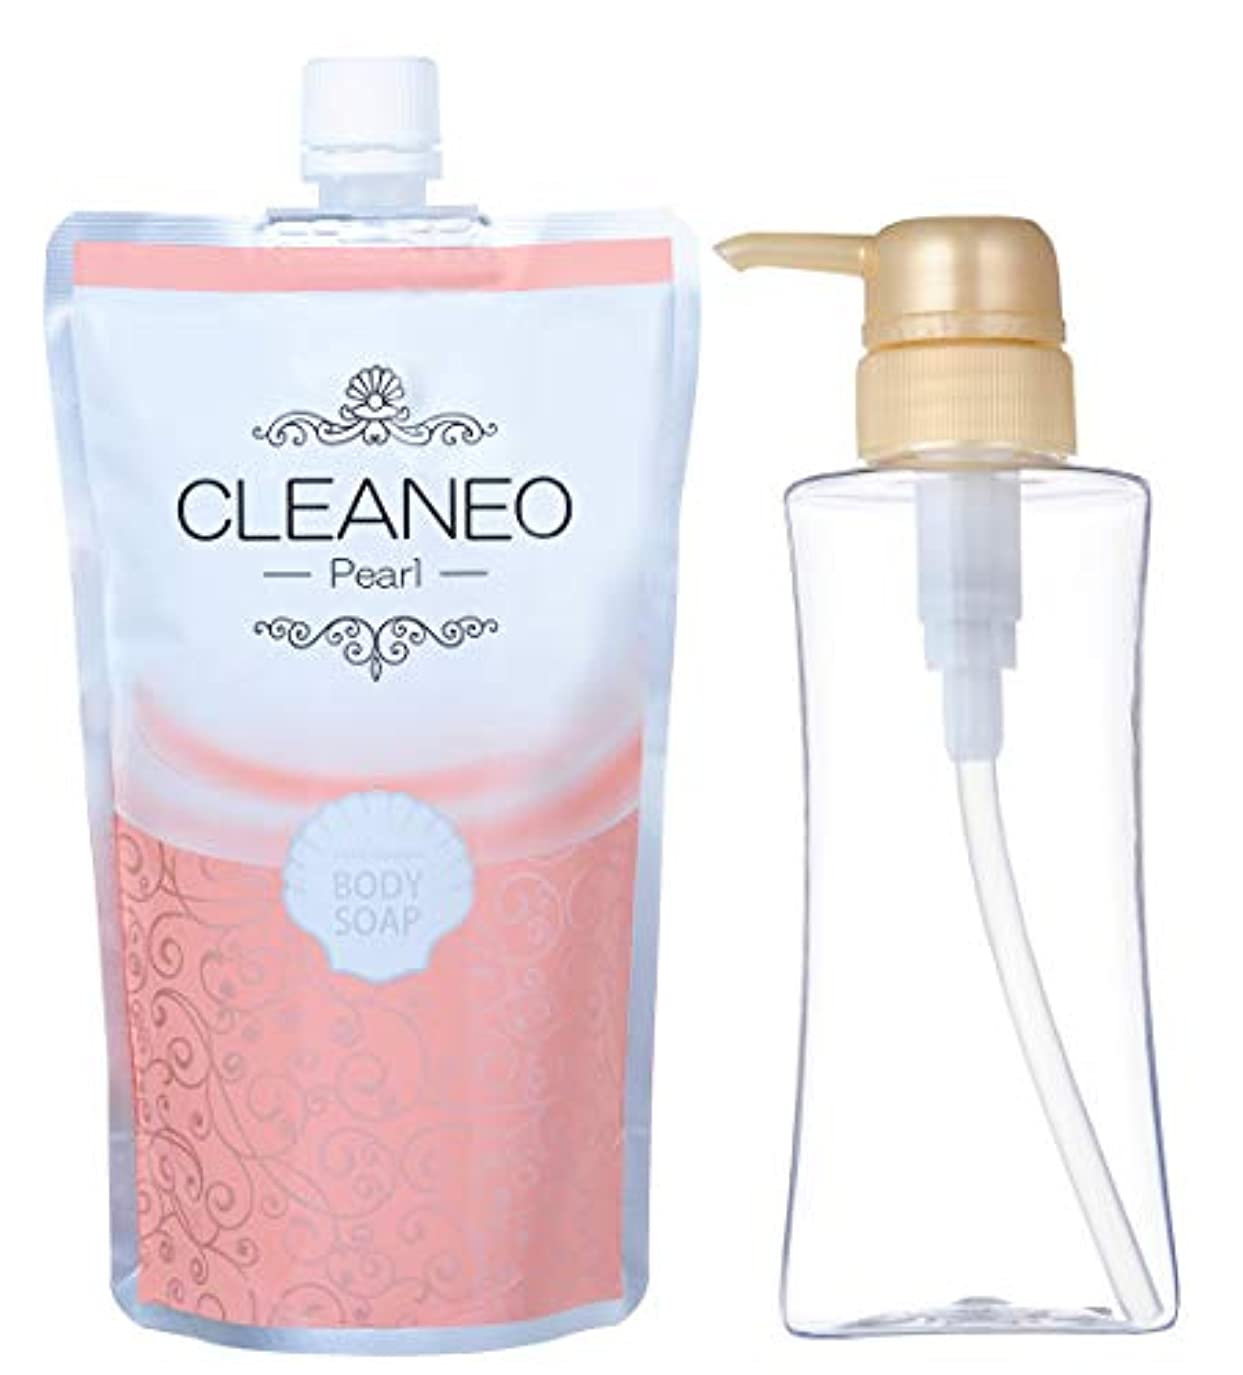 マニアスコットランド人応用クリアネオ公式(CLEANEO) パール オーガニックボディソープ?透明感のある美肌へ(詰替300ml+専用ボトルセット)